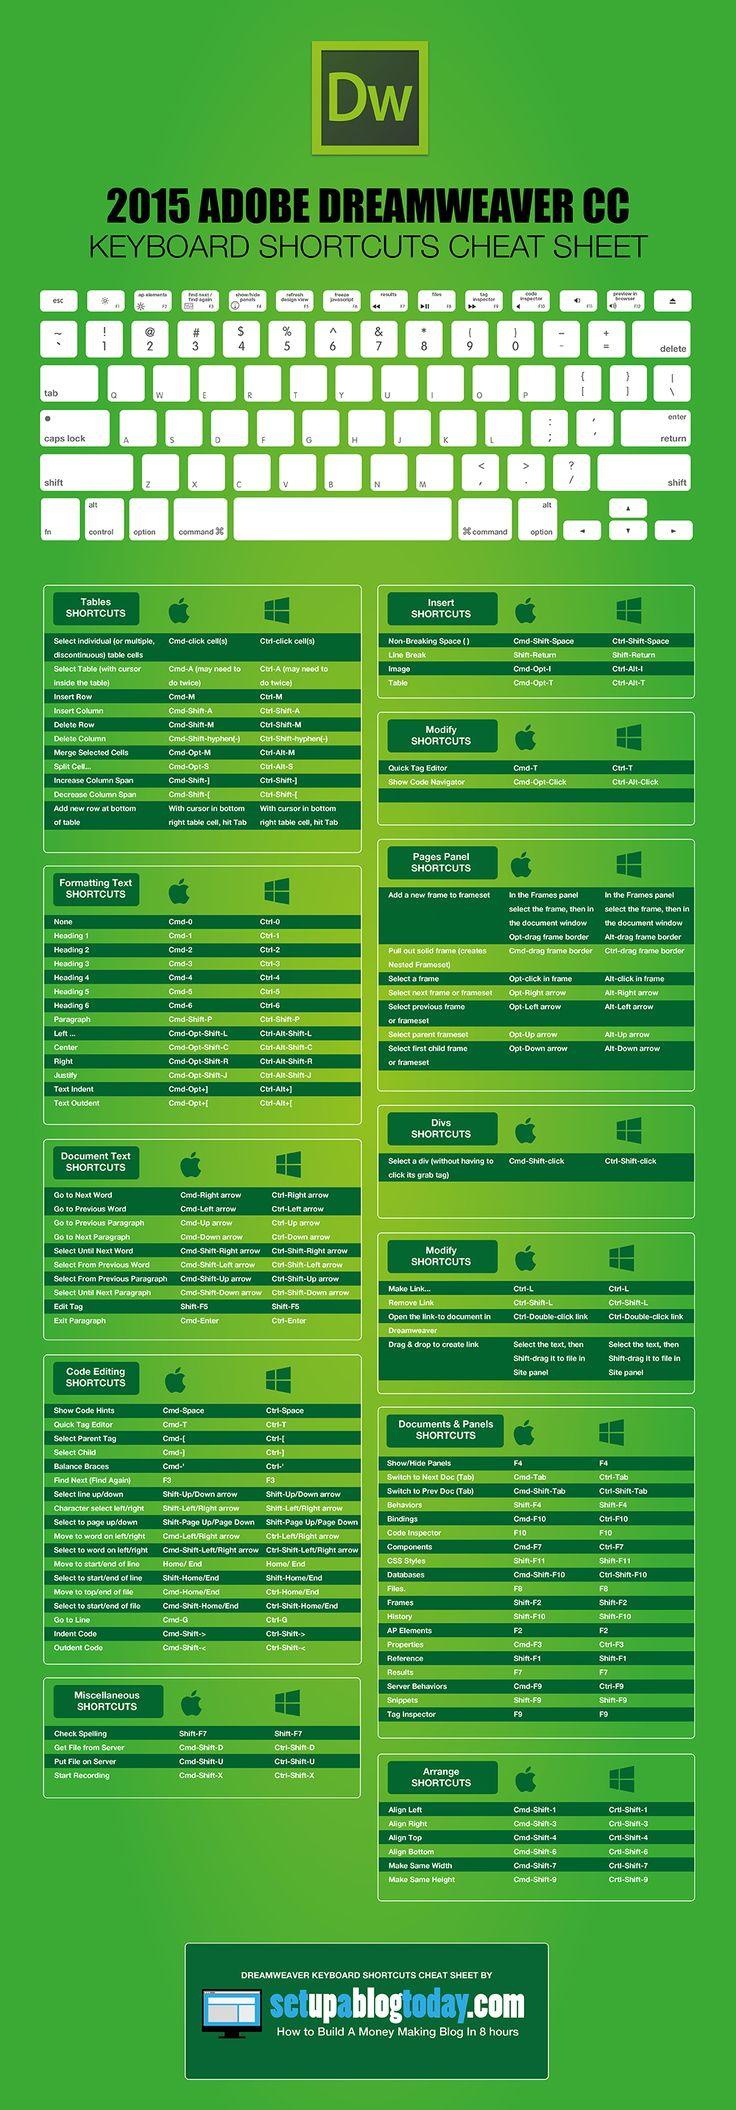 Hola: Una infografía con los Atajos de teclado para Adobe Dreamweaver. Un saludo By the creative team over atsetupablogtoday.com